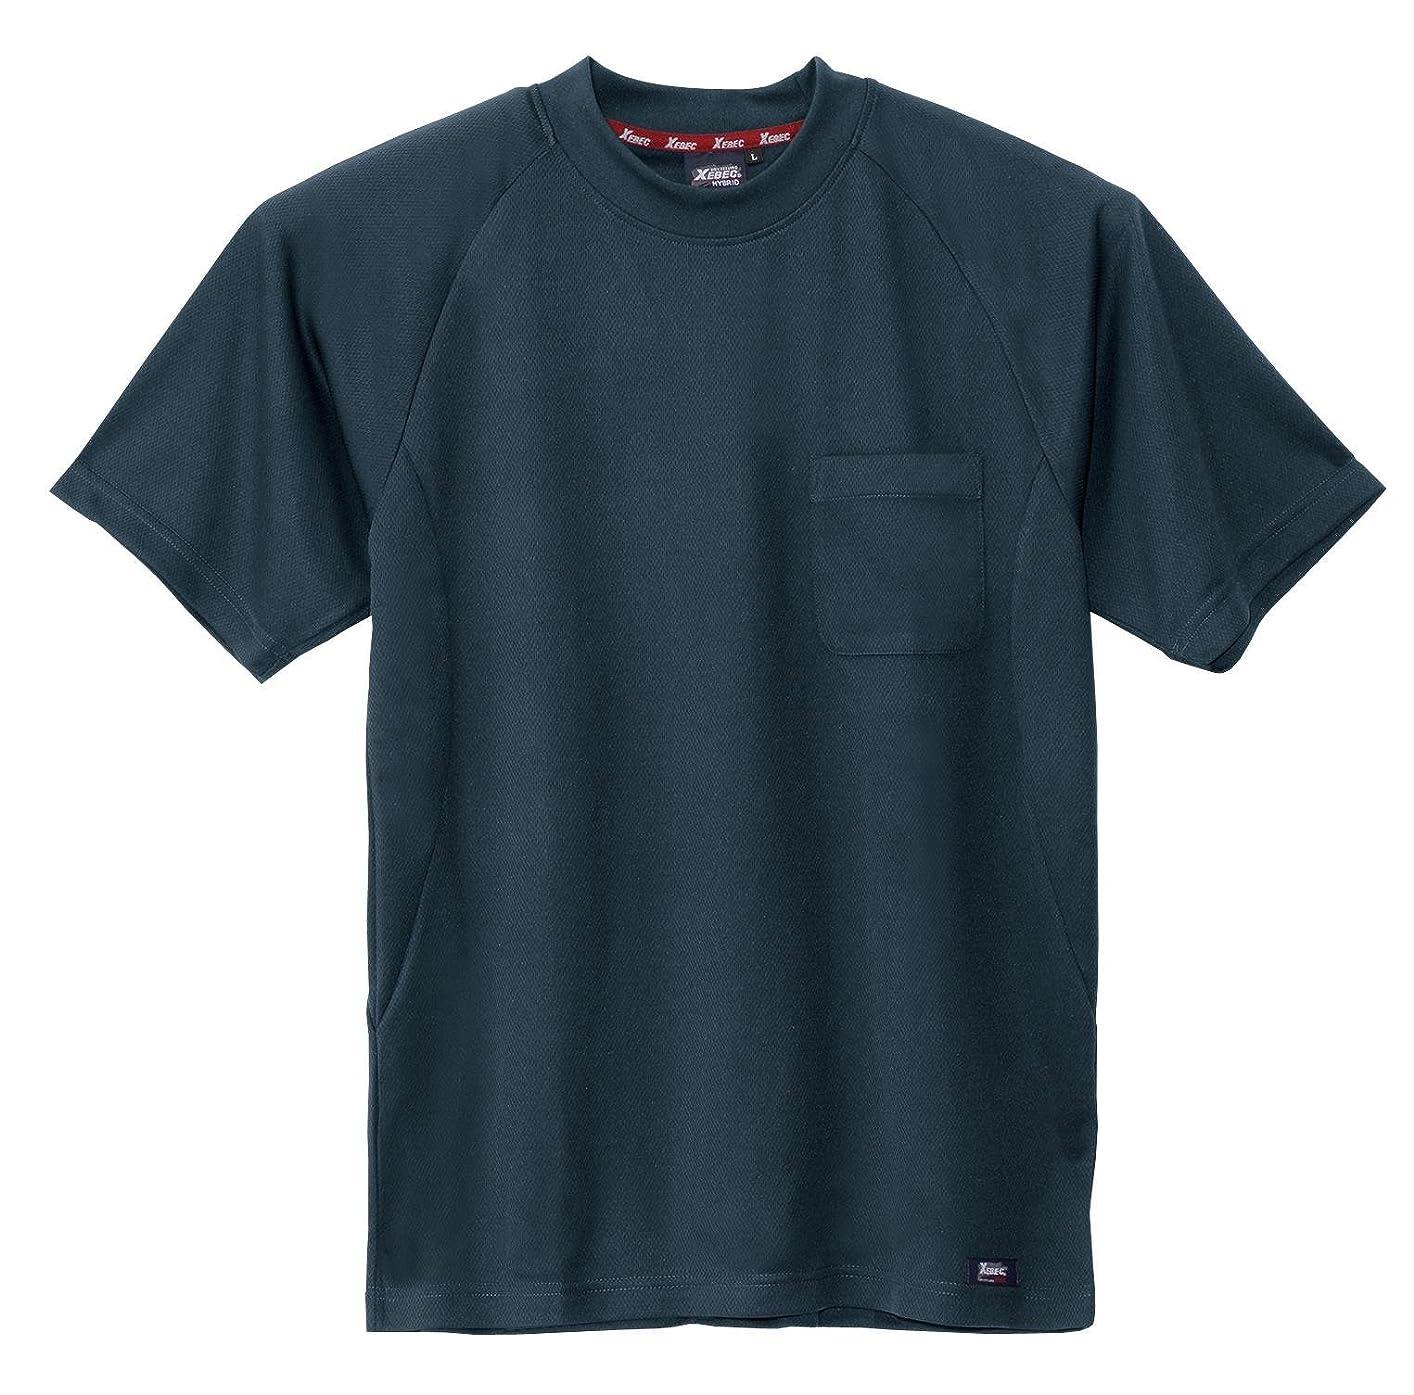 見込みぜいたく高音ジーベック ハイブリッド半袖Tシャツ 603/アラスカグリーン 6124 M